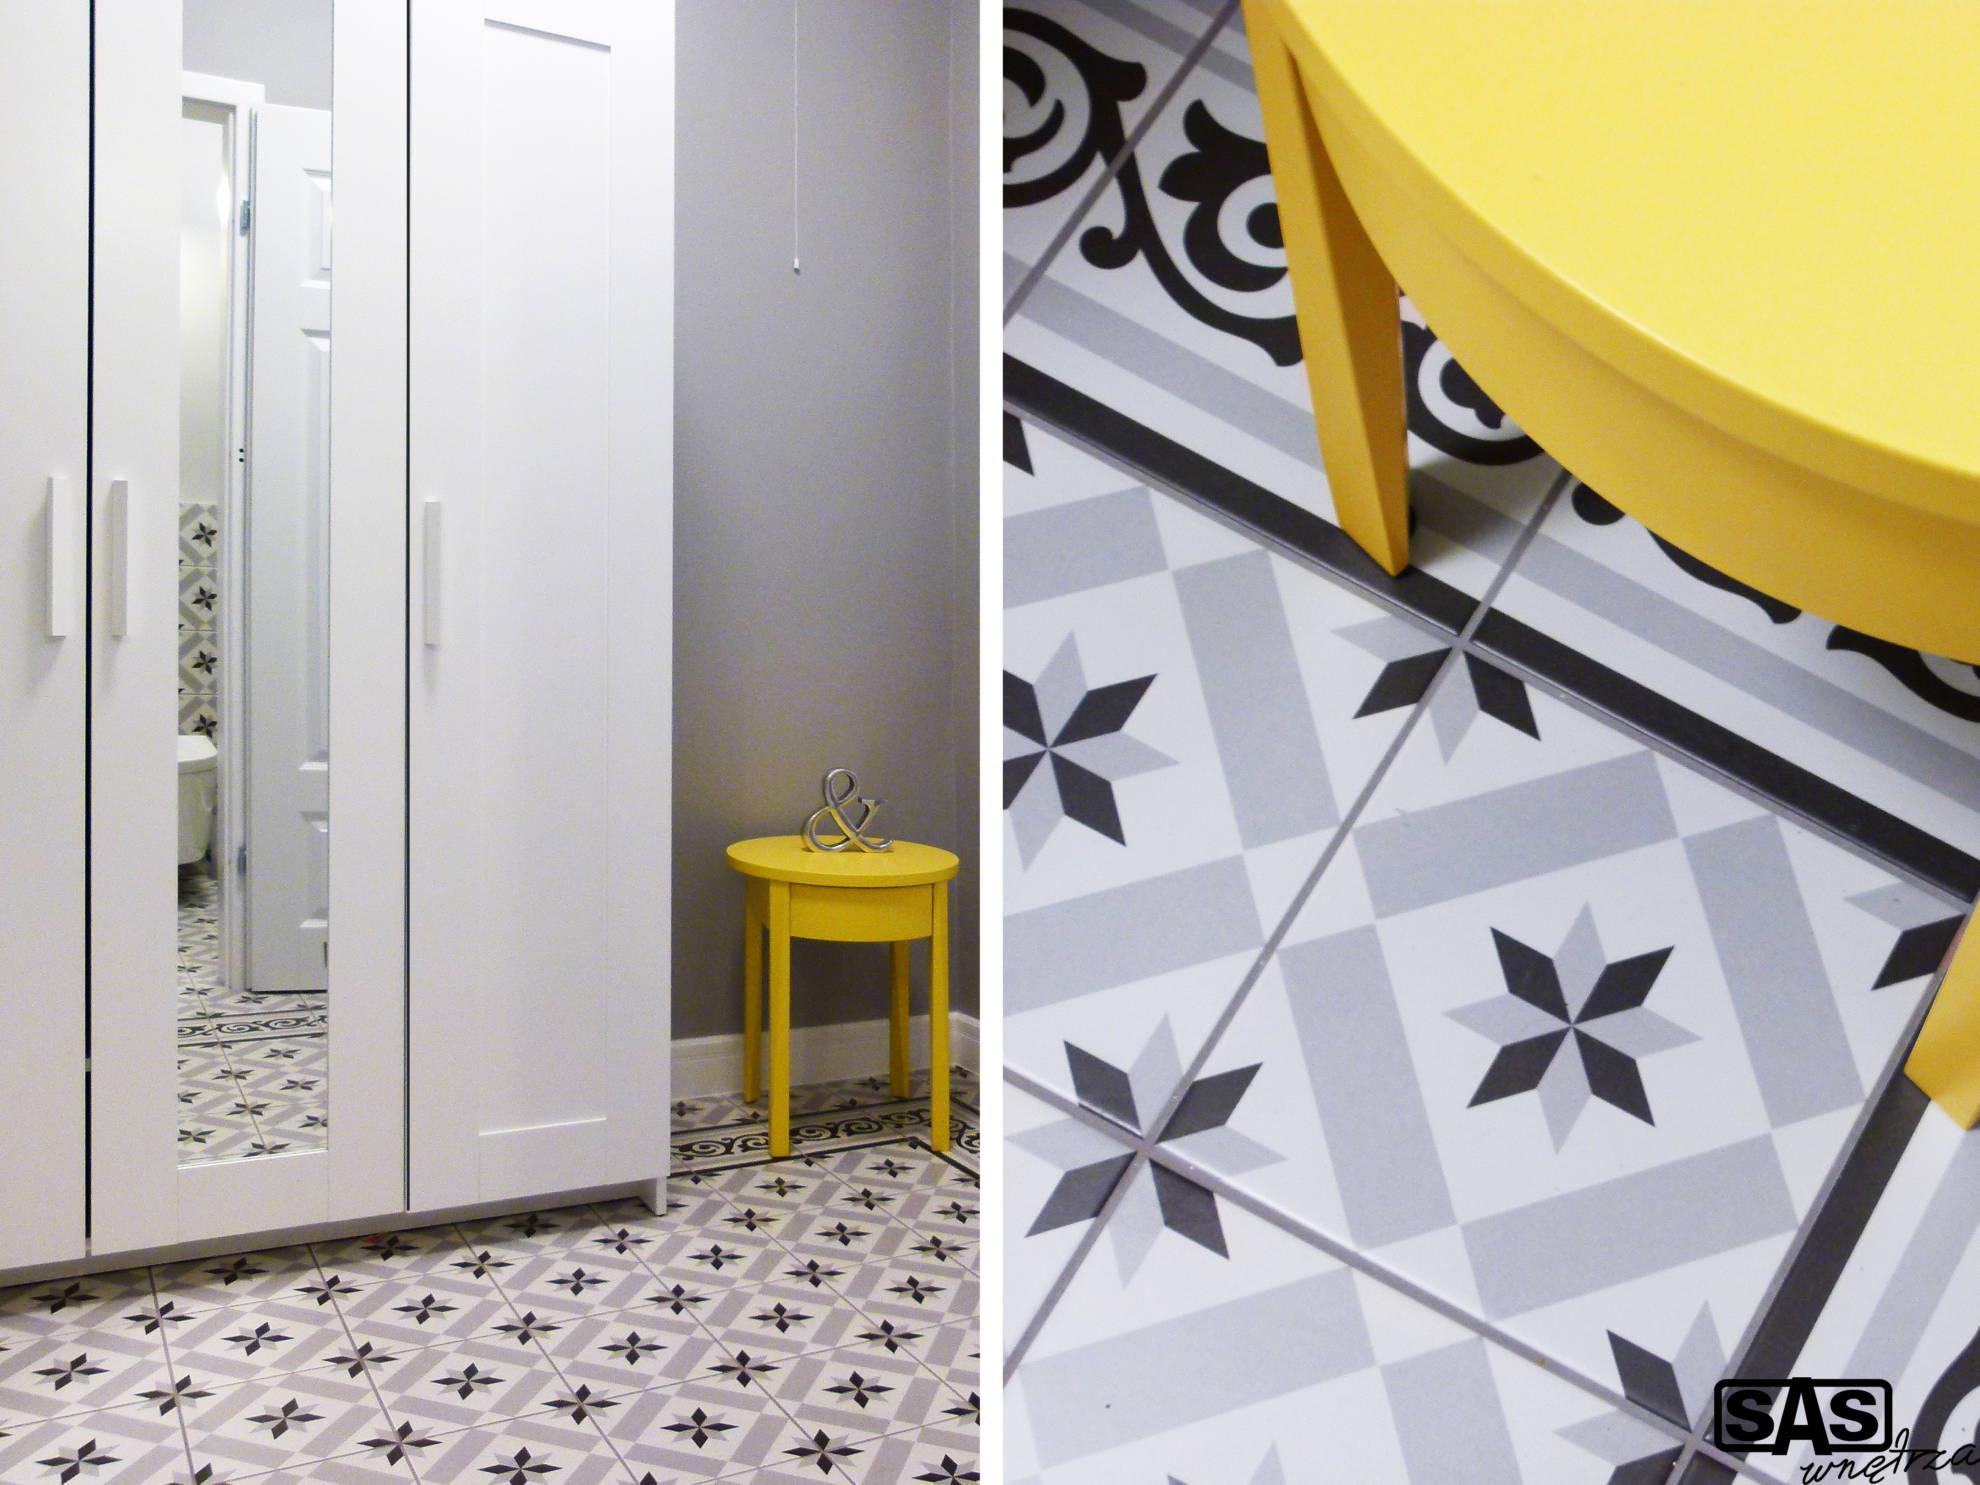 Aranżacja przedpokoju w mieszkaniu na wynajem - meble wykonanie SAS Wnętrza i Kuchnie, projekt architekt wnętrz Emilia Strzempek Plasun.